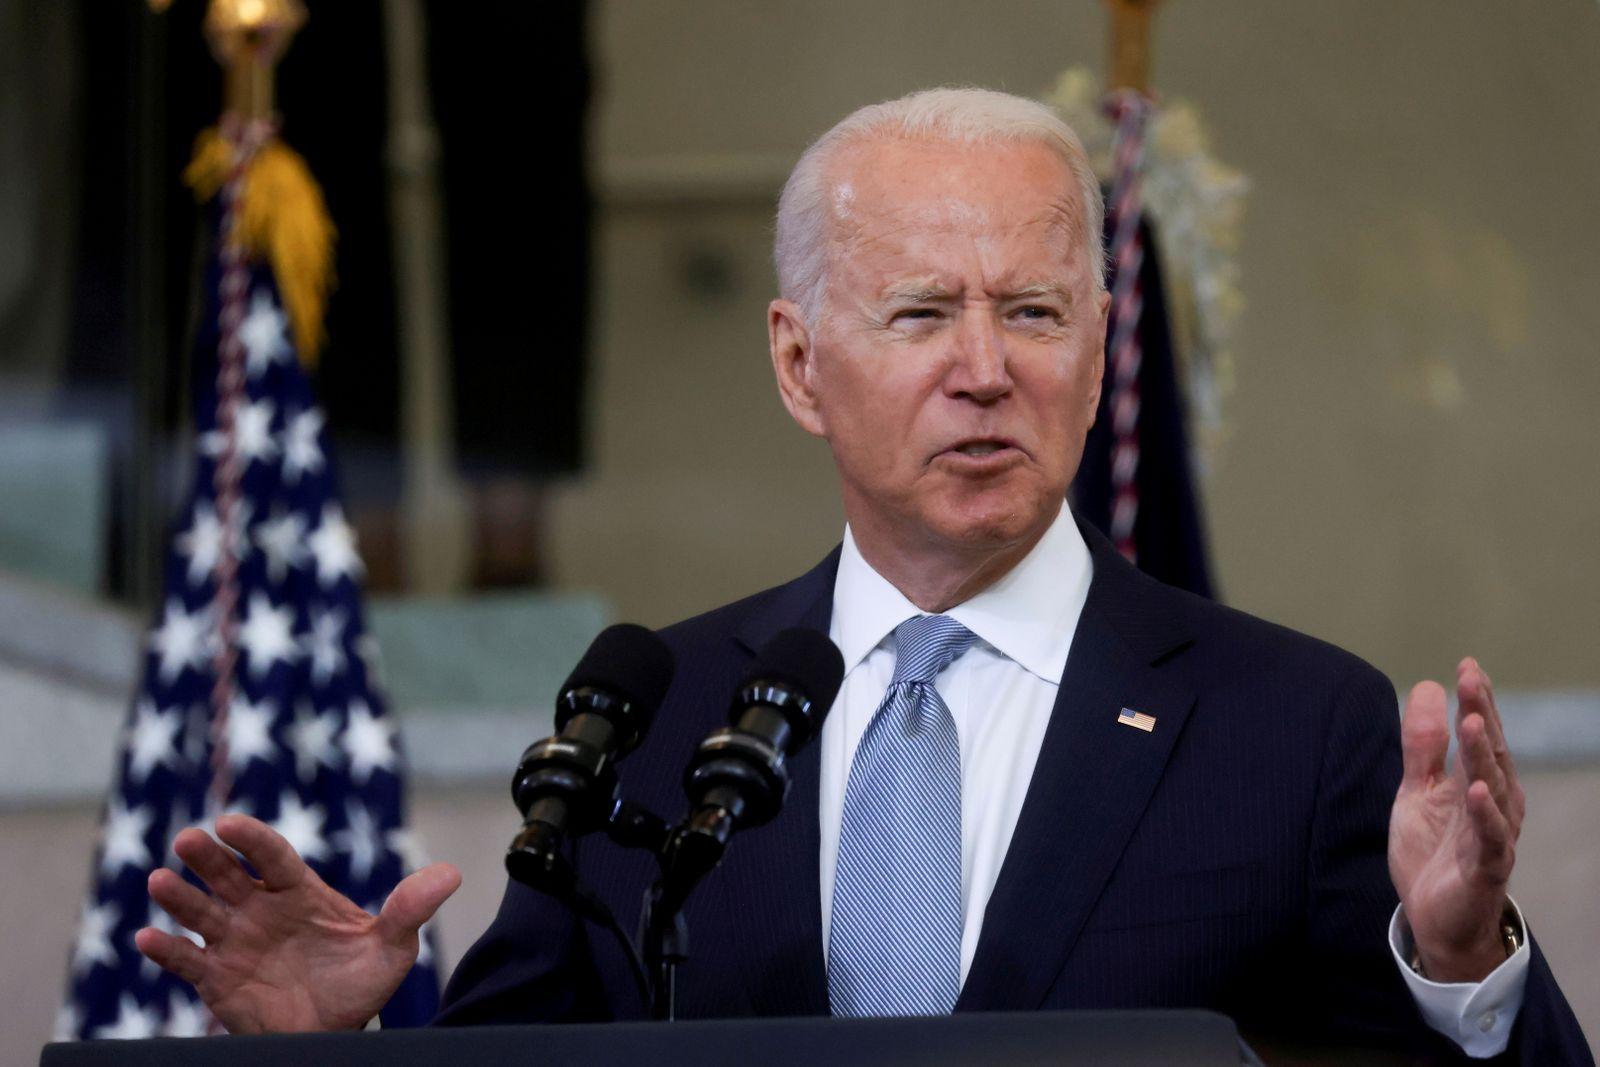 FILE PHOTO: U.S. President Joe Biden delivers remarks in a speech in Philadelphia